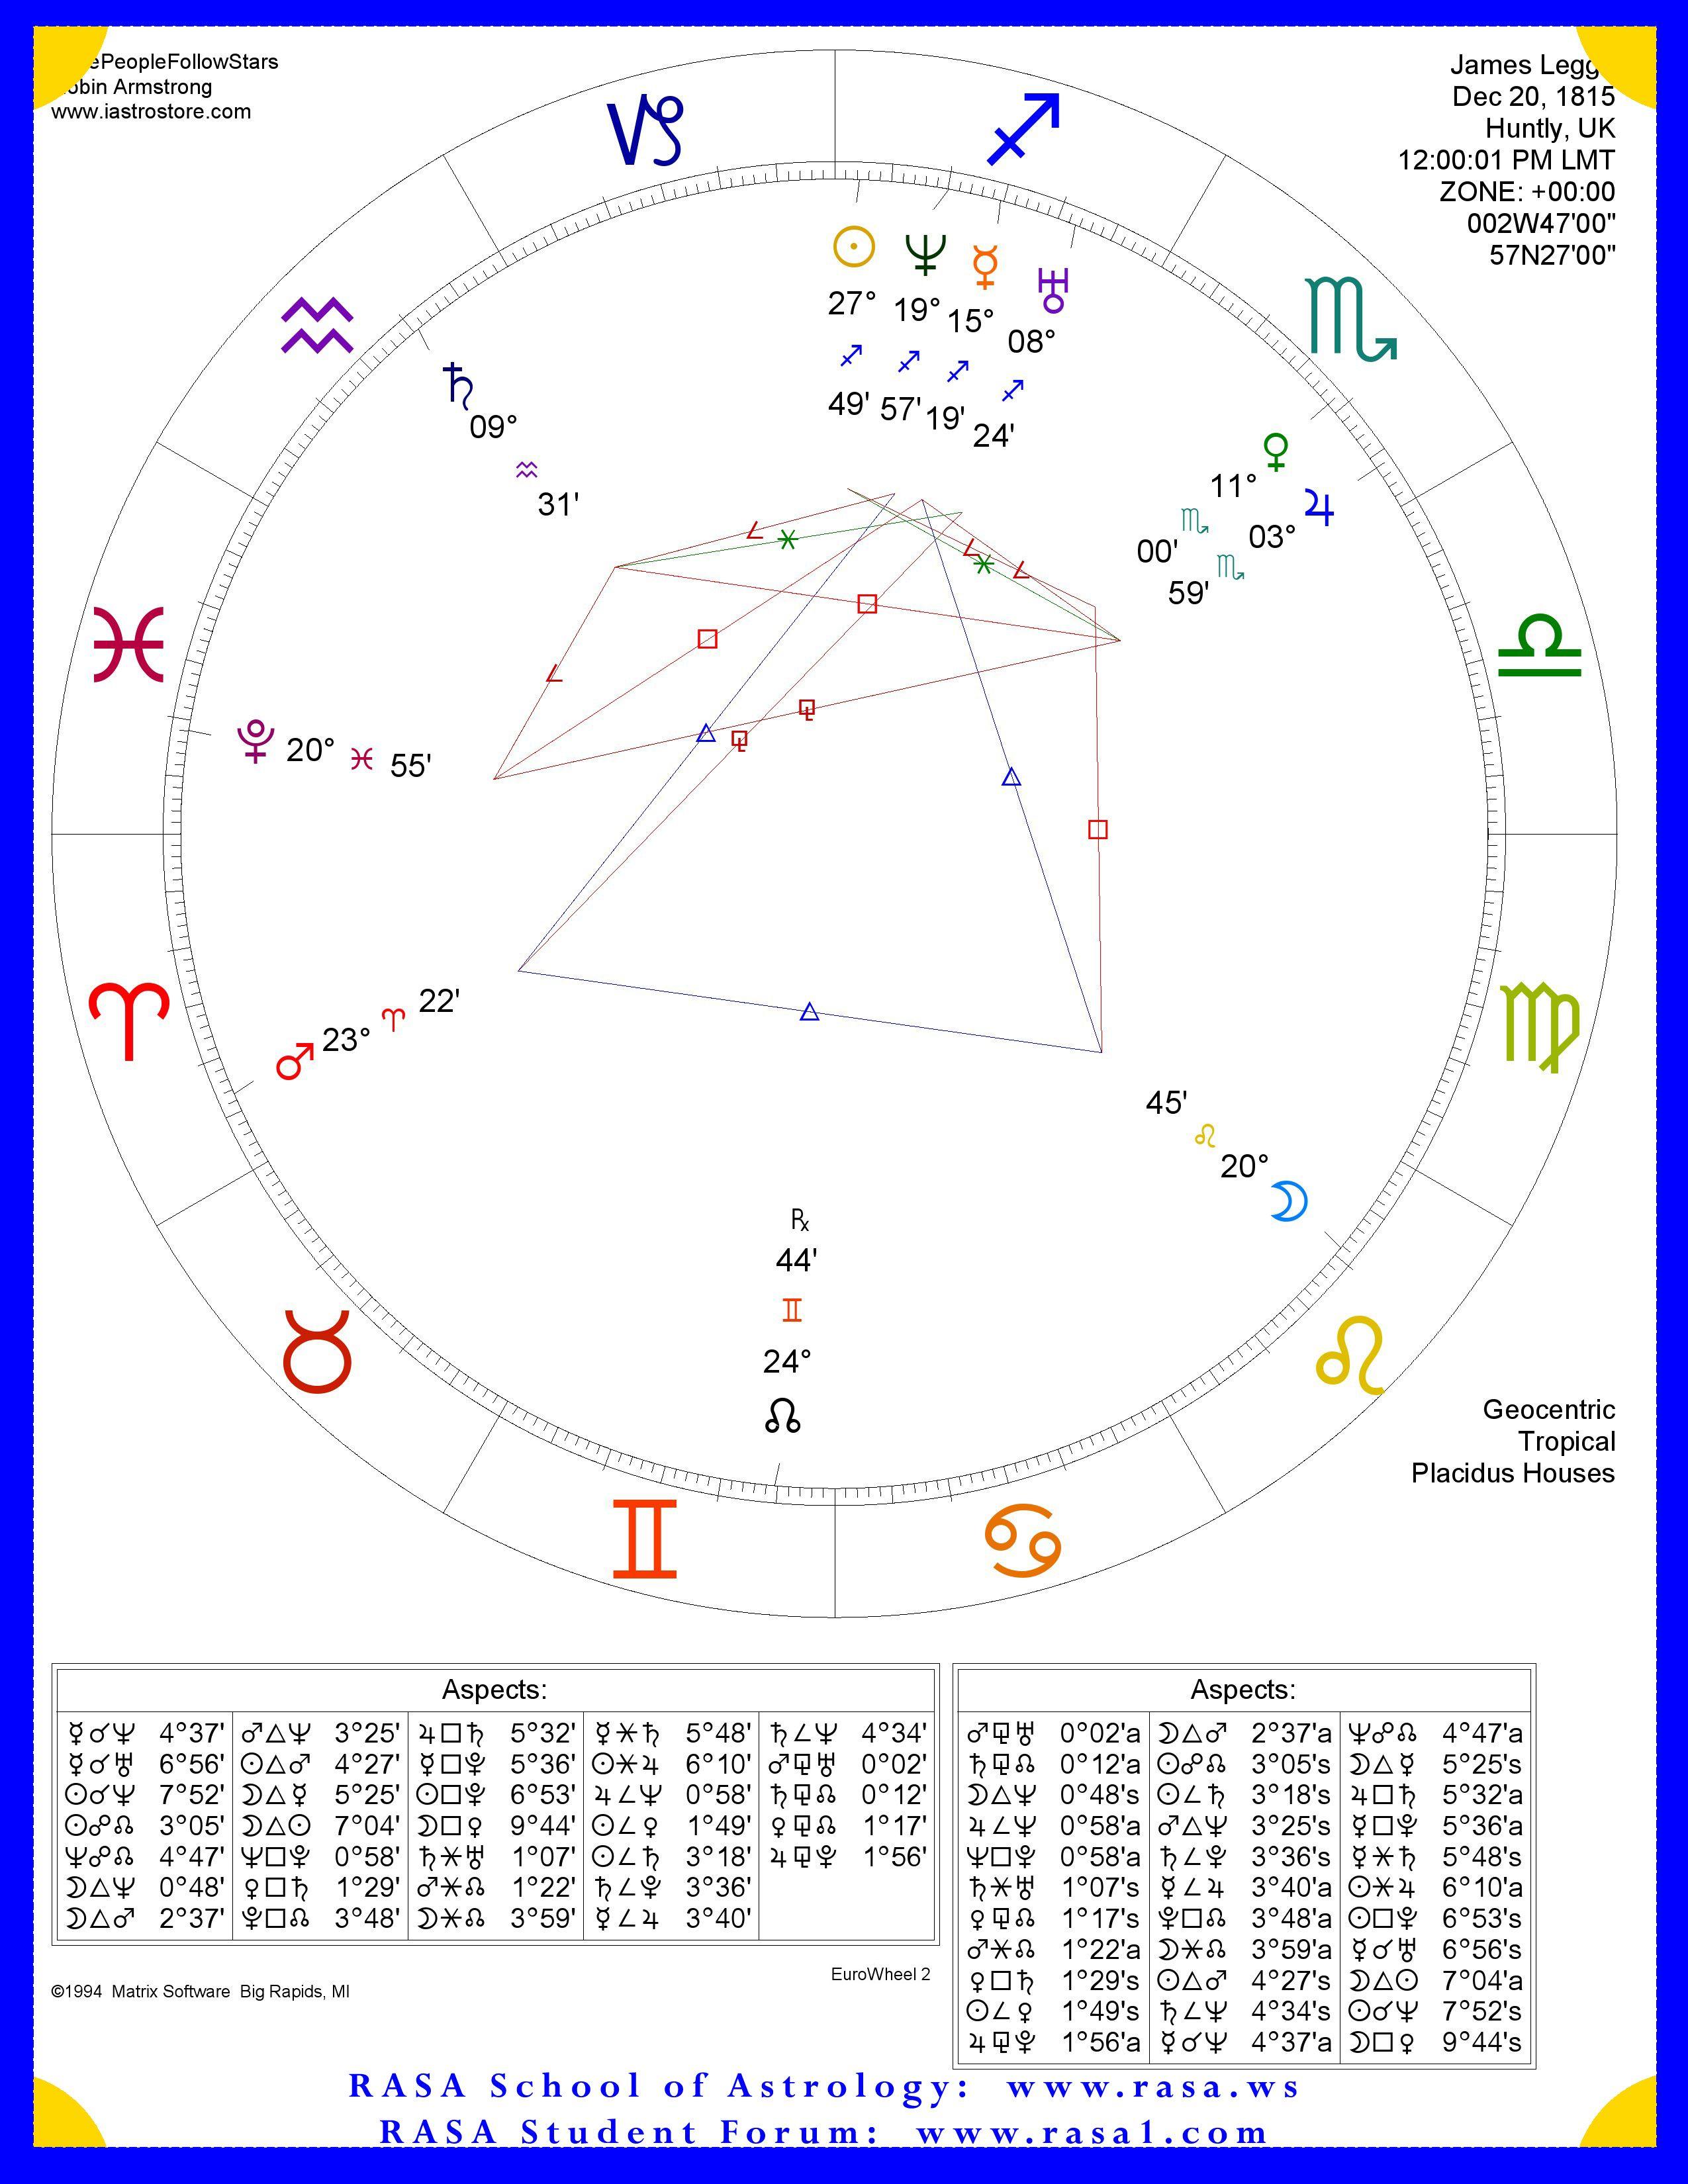 Legge, James Horoscope   Horoscope, Chart, Map